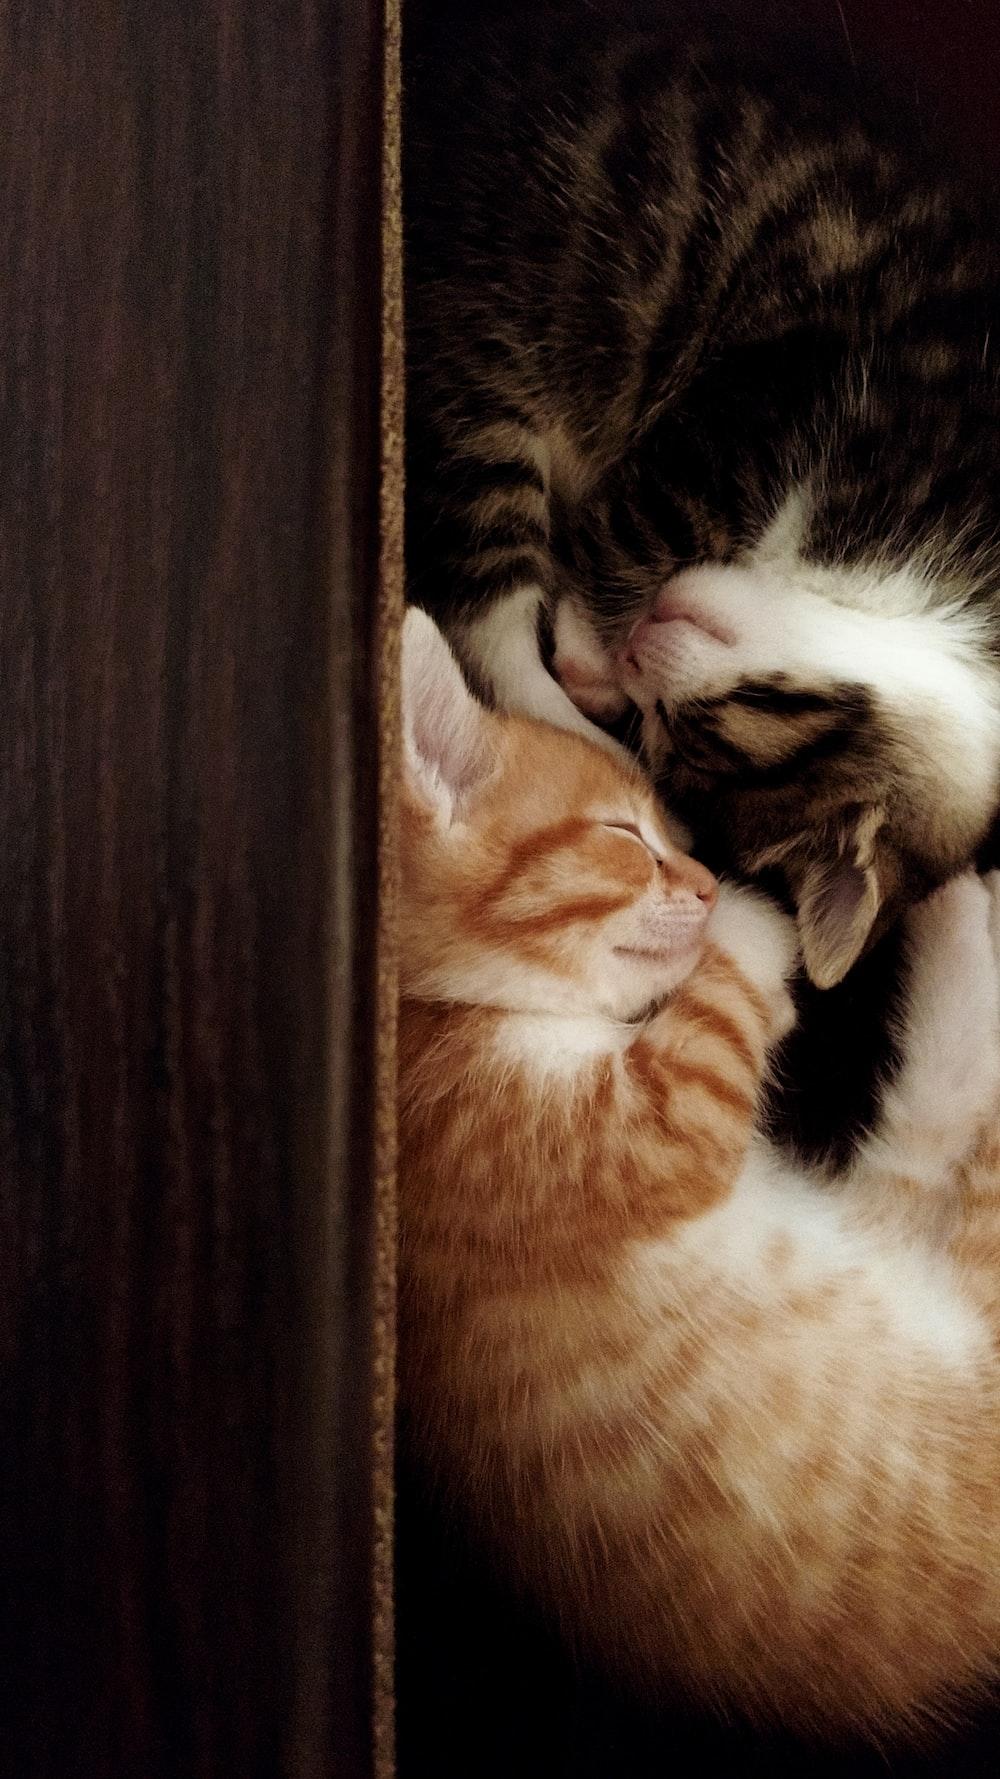 Kitten Wallpapers Free Hd Download 500 Hq Unsplash